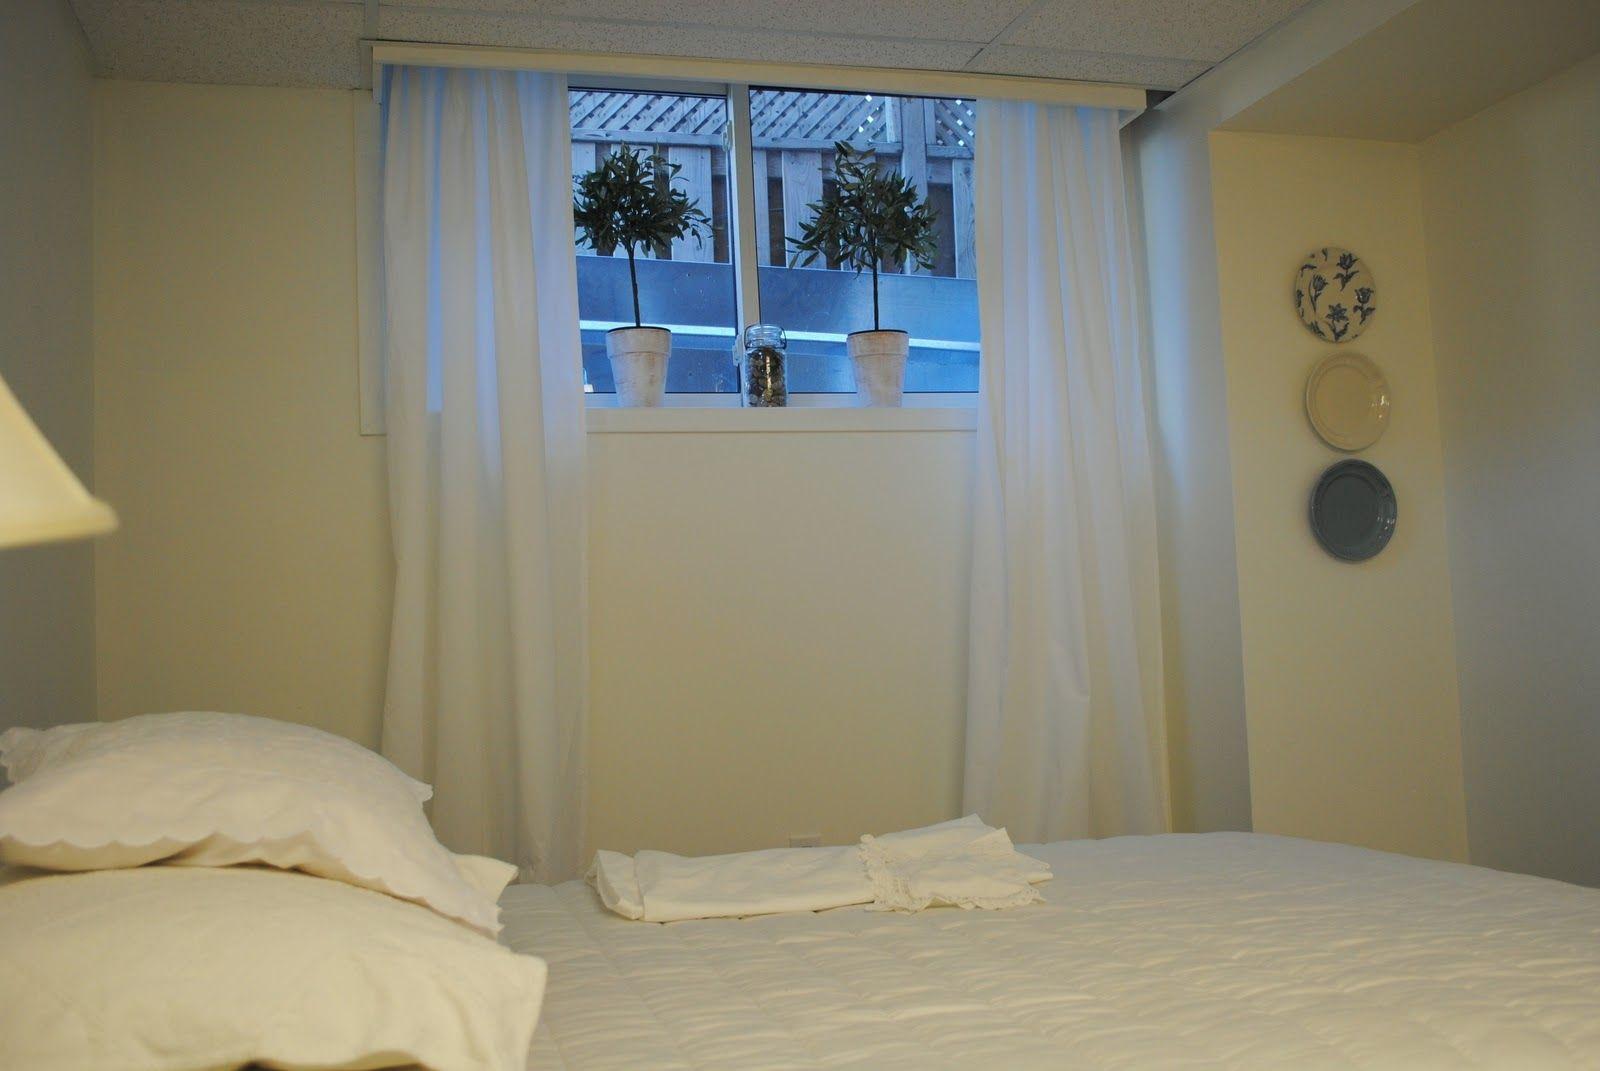 Basement Window Curtains Ideas Keller schlafzimmer ideen